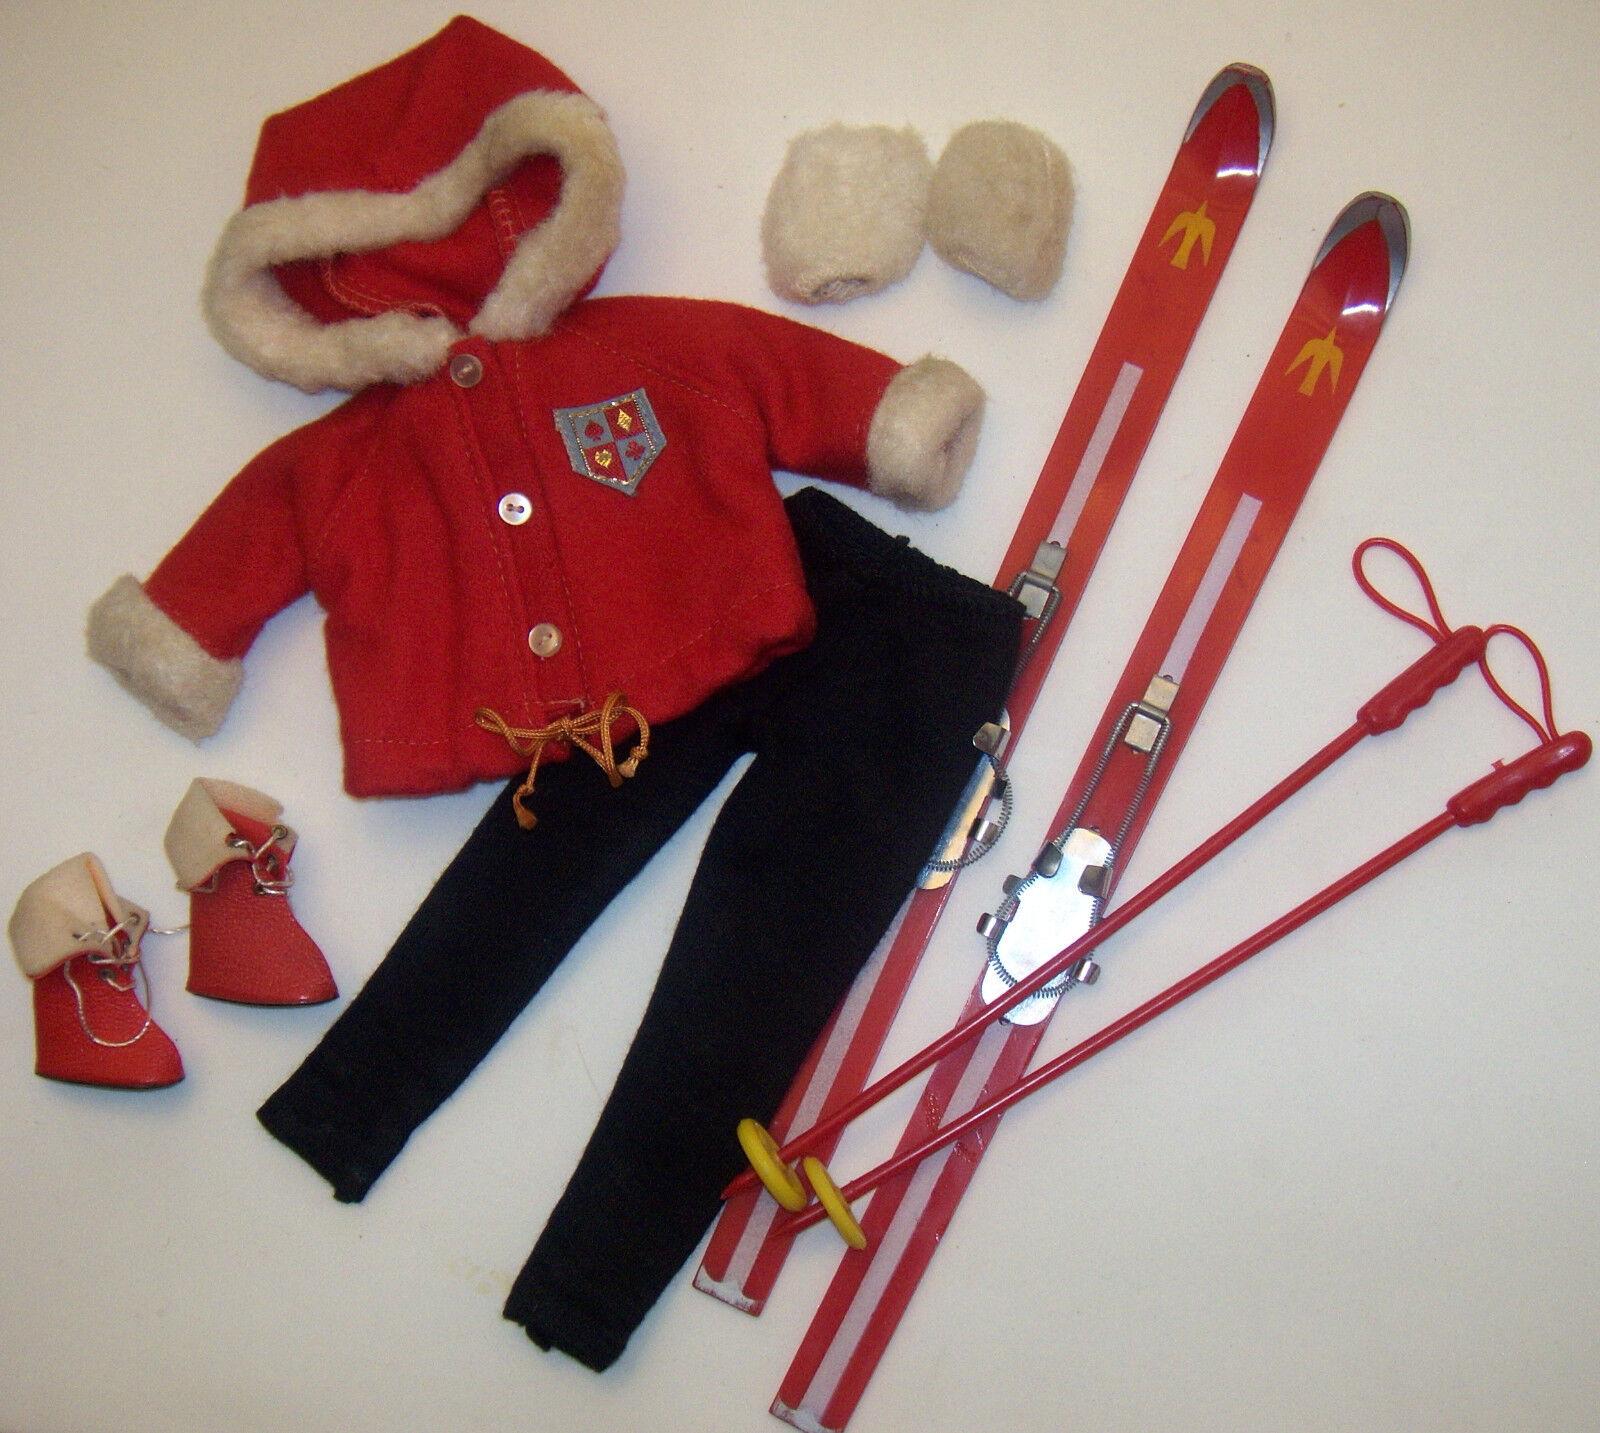 Vintage Tammy Nieve Conejito Esquí Polos Rojo Parka botas Mitones 9211-4 9956-4